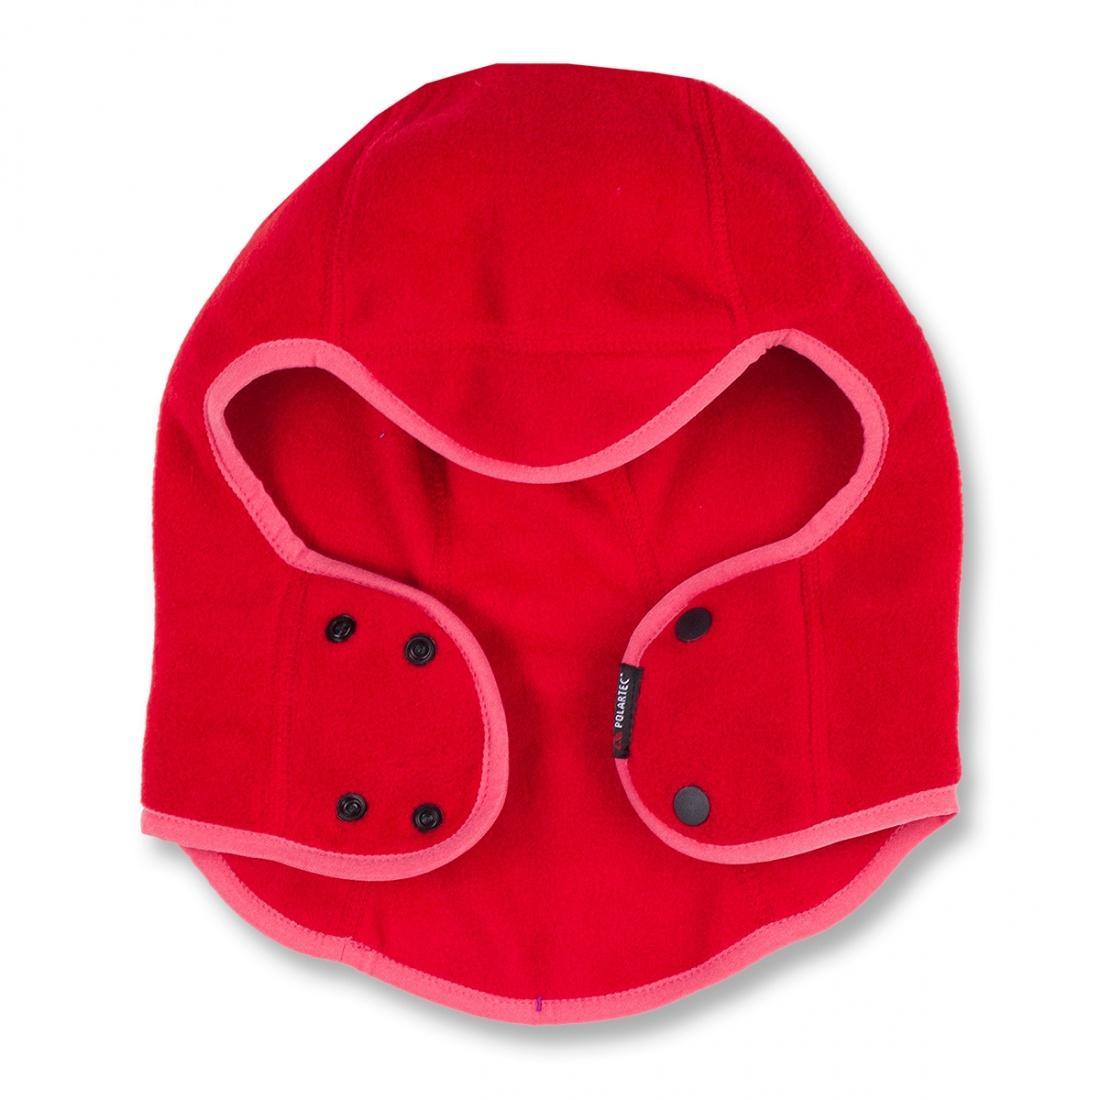 Шапка Cub II ДетскаяШапки<br><br> Легкая, удобная шапочка. Безупречно облегает голову ребенка, закрывая лоб и уши. Незаменима при ненастнойпогоде поздней осеньюлиботеплой зимой.<br><br><br> <br><br><br>Материал –Polartec® Classiс 200.<br> <br>Облегающи...<br><br>Цвет: Красный<br>Размер: M